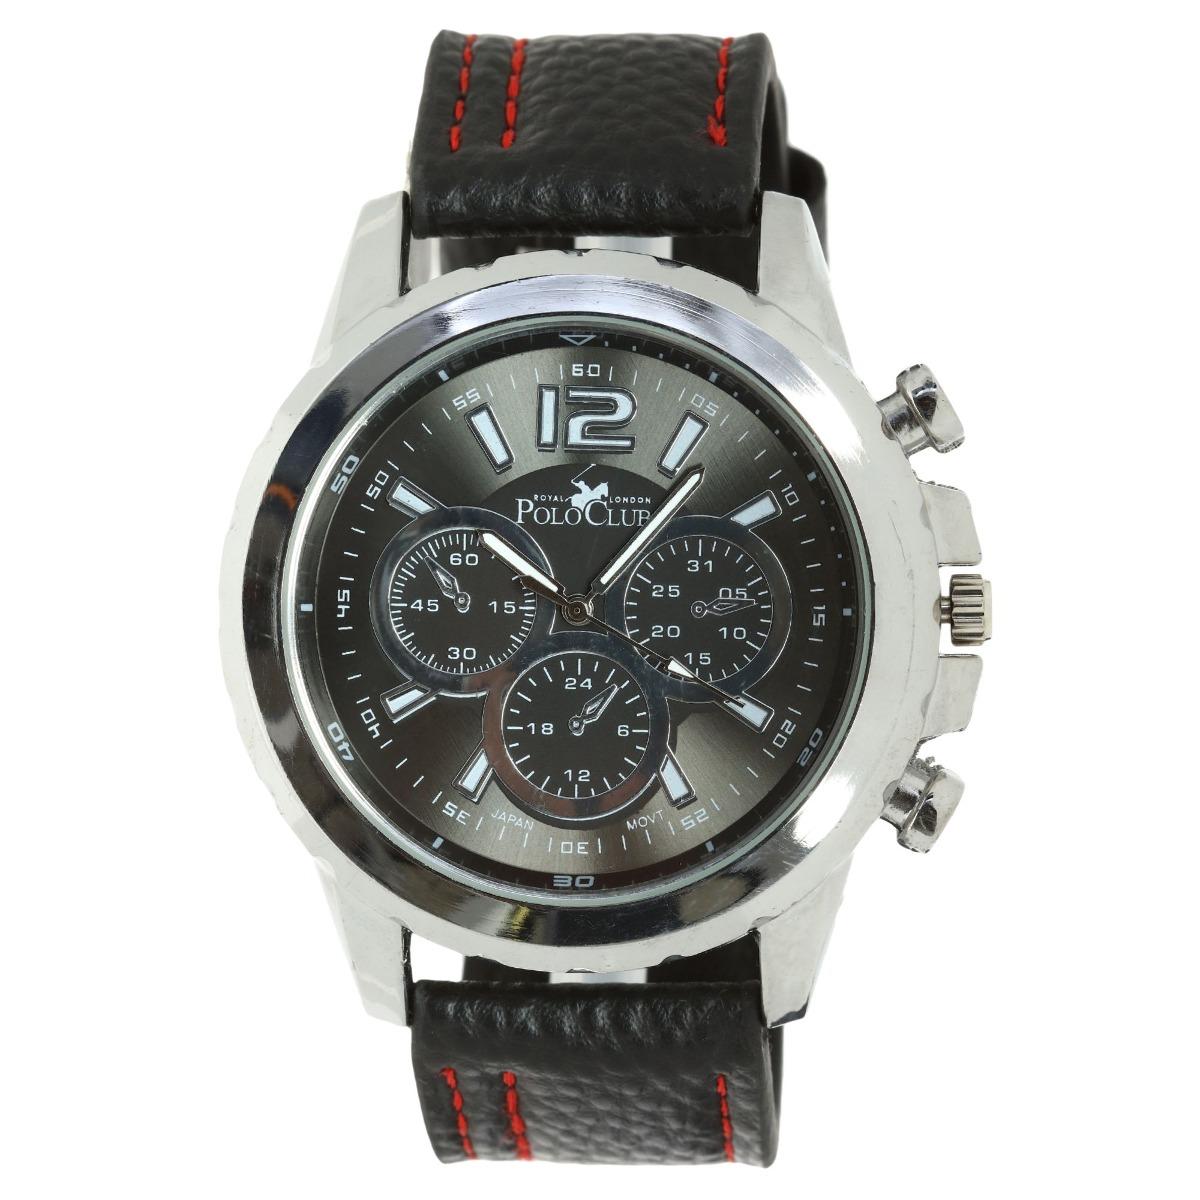 0a1e0fe983fa Reloj Hombre Mano Polo Club Caballero Negro Rlpc2859c -   449.00 en ...